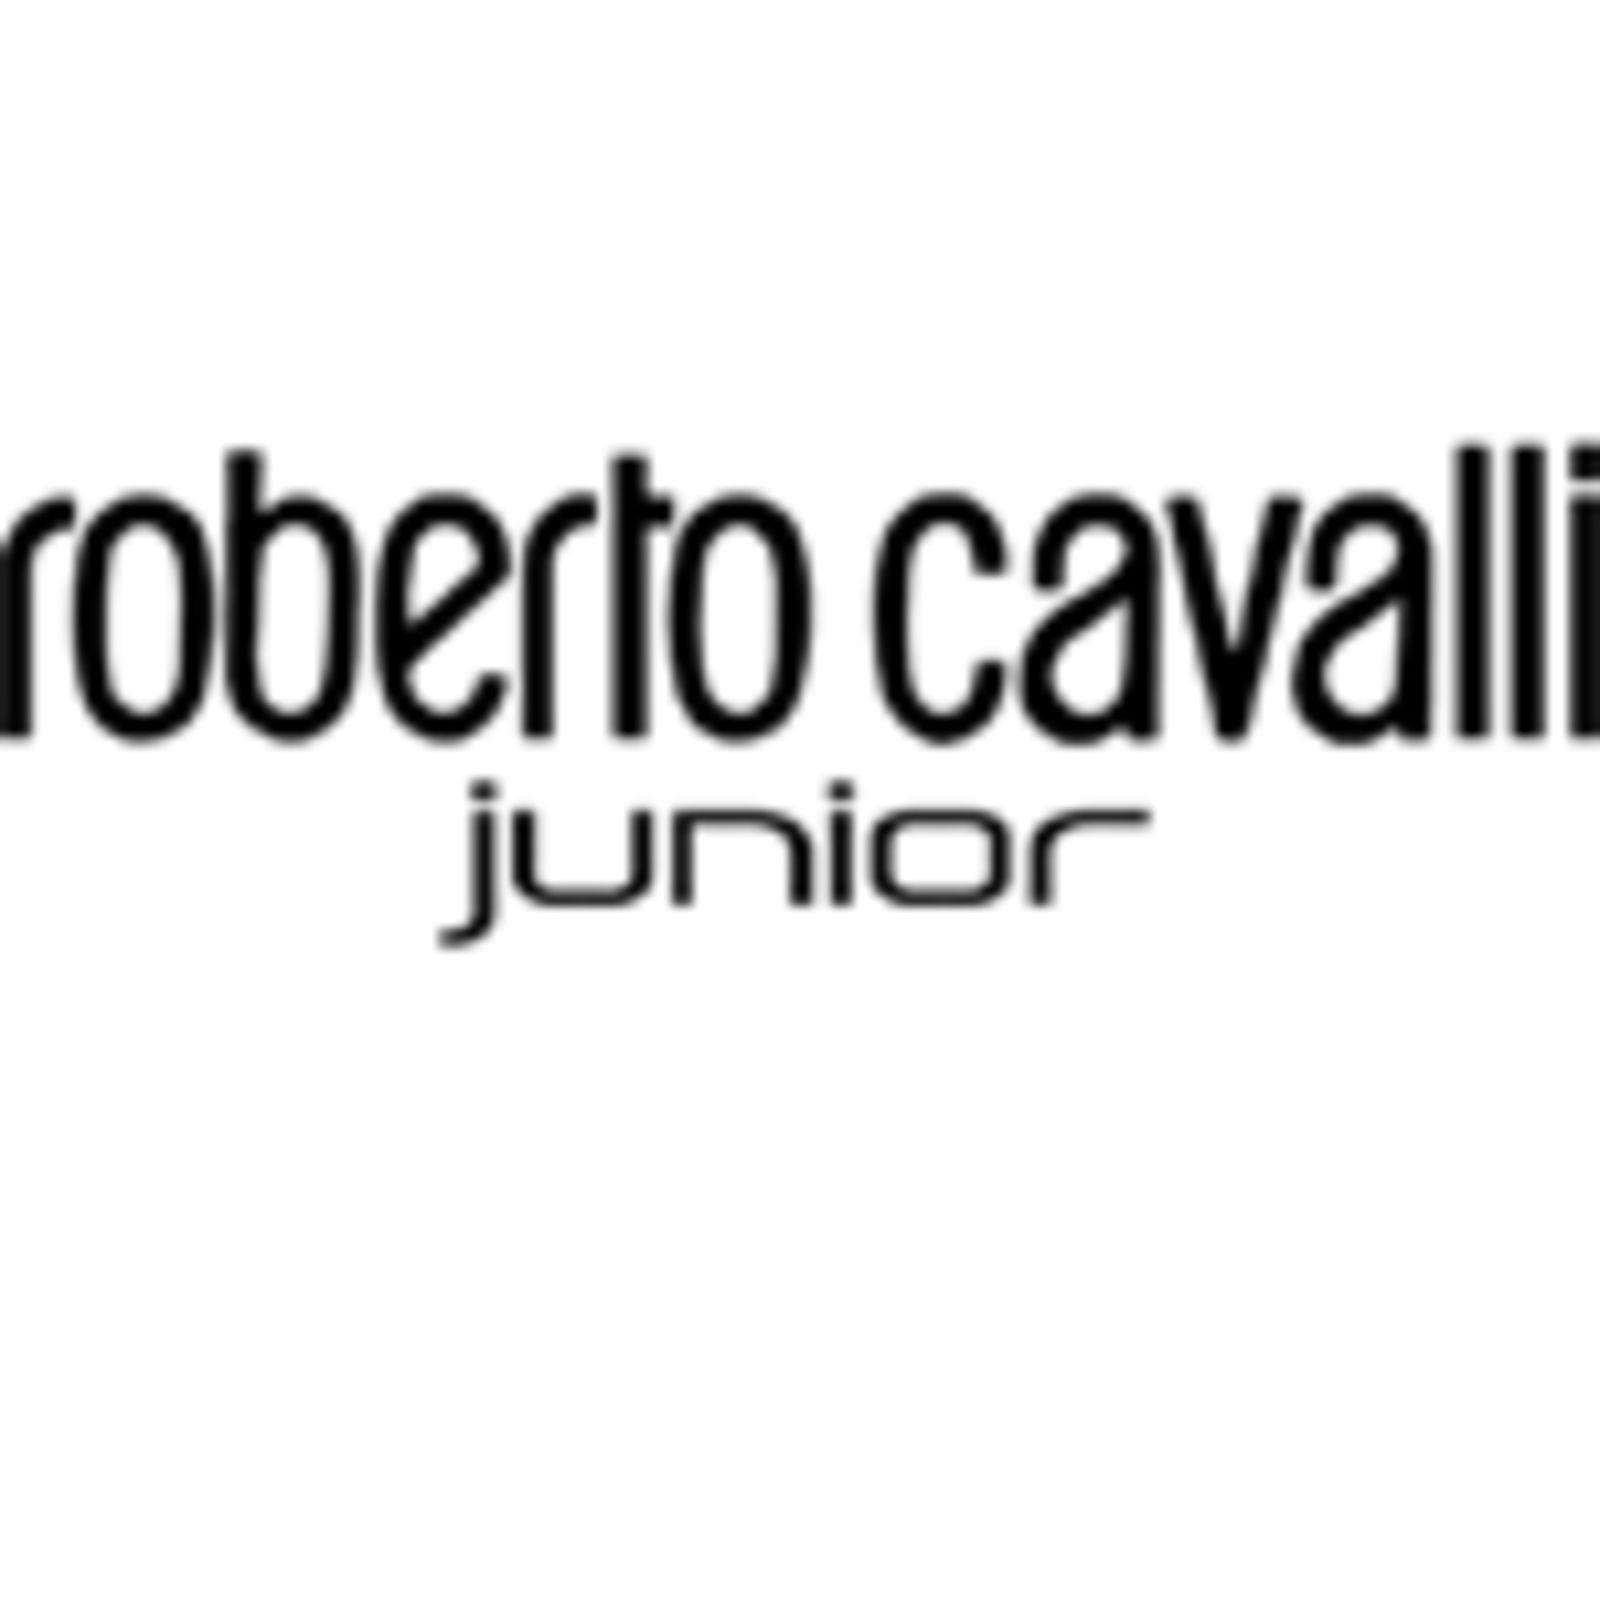 Roberto Cavalli Junior (Image 1)